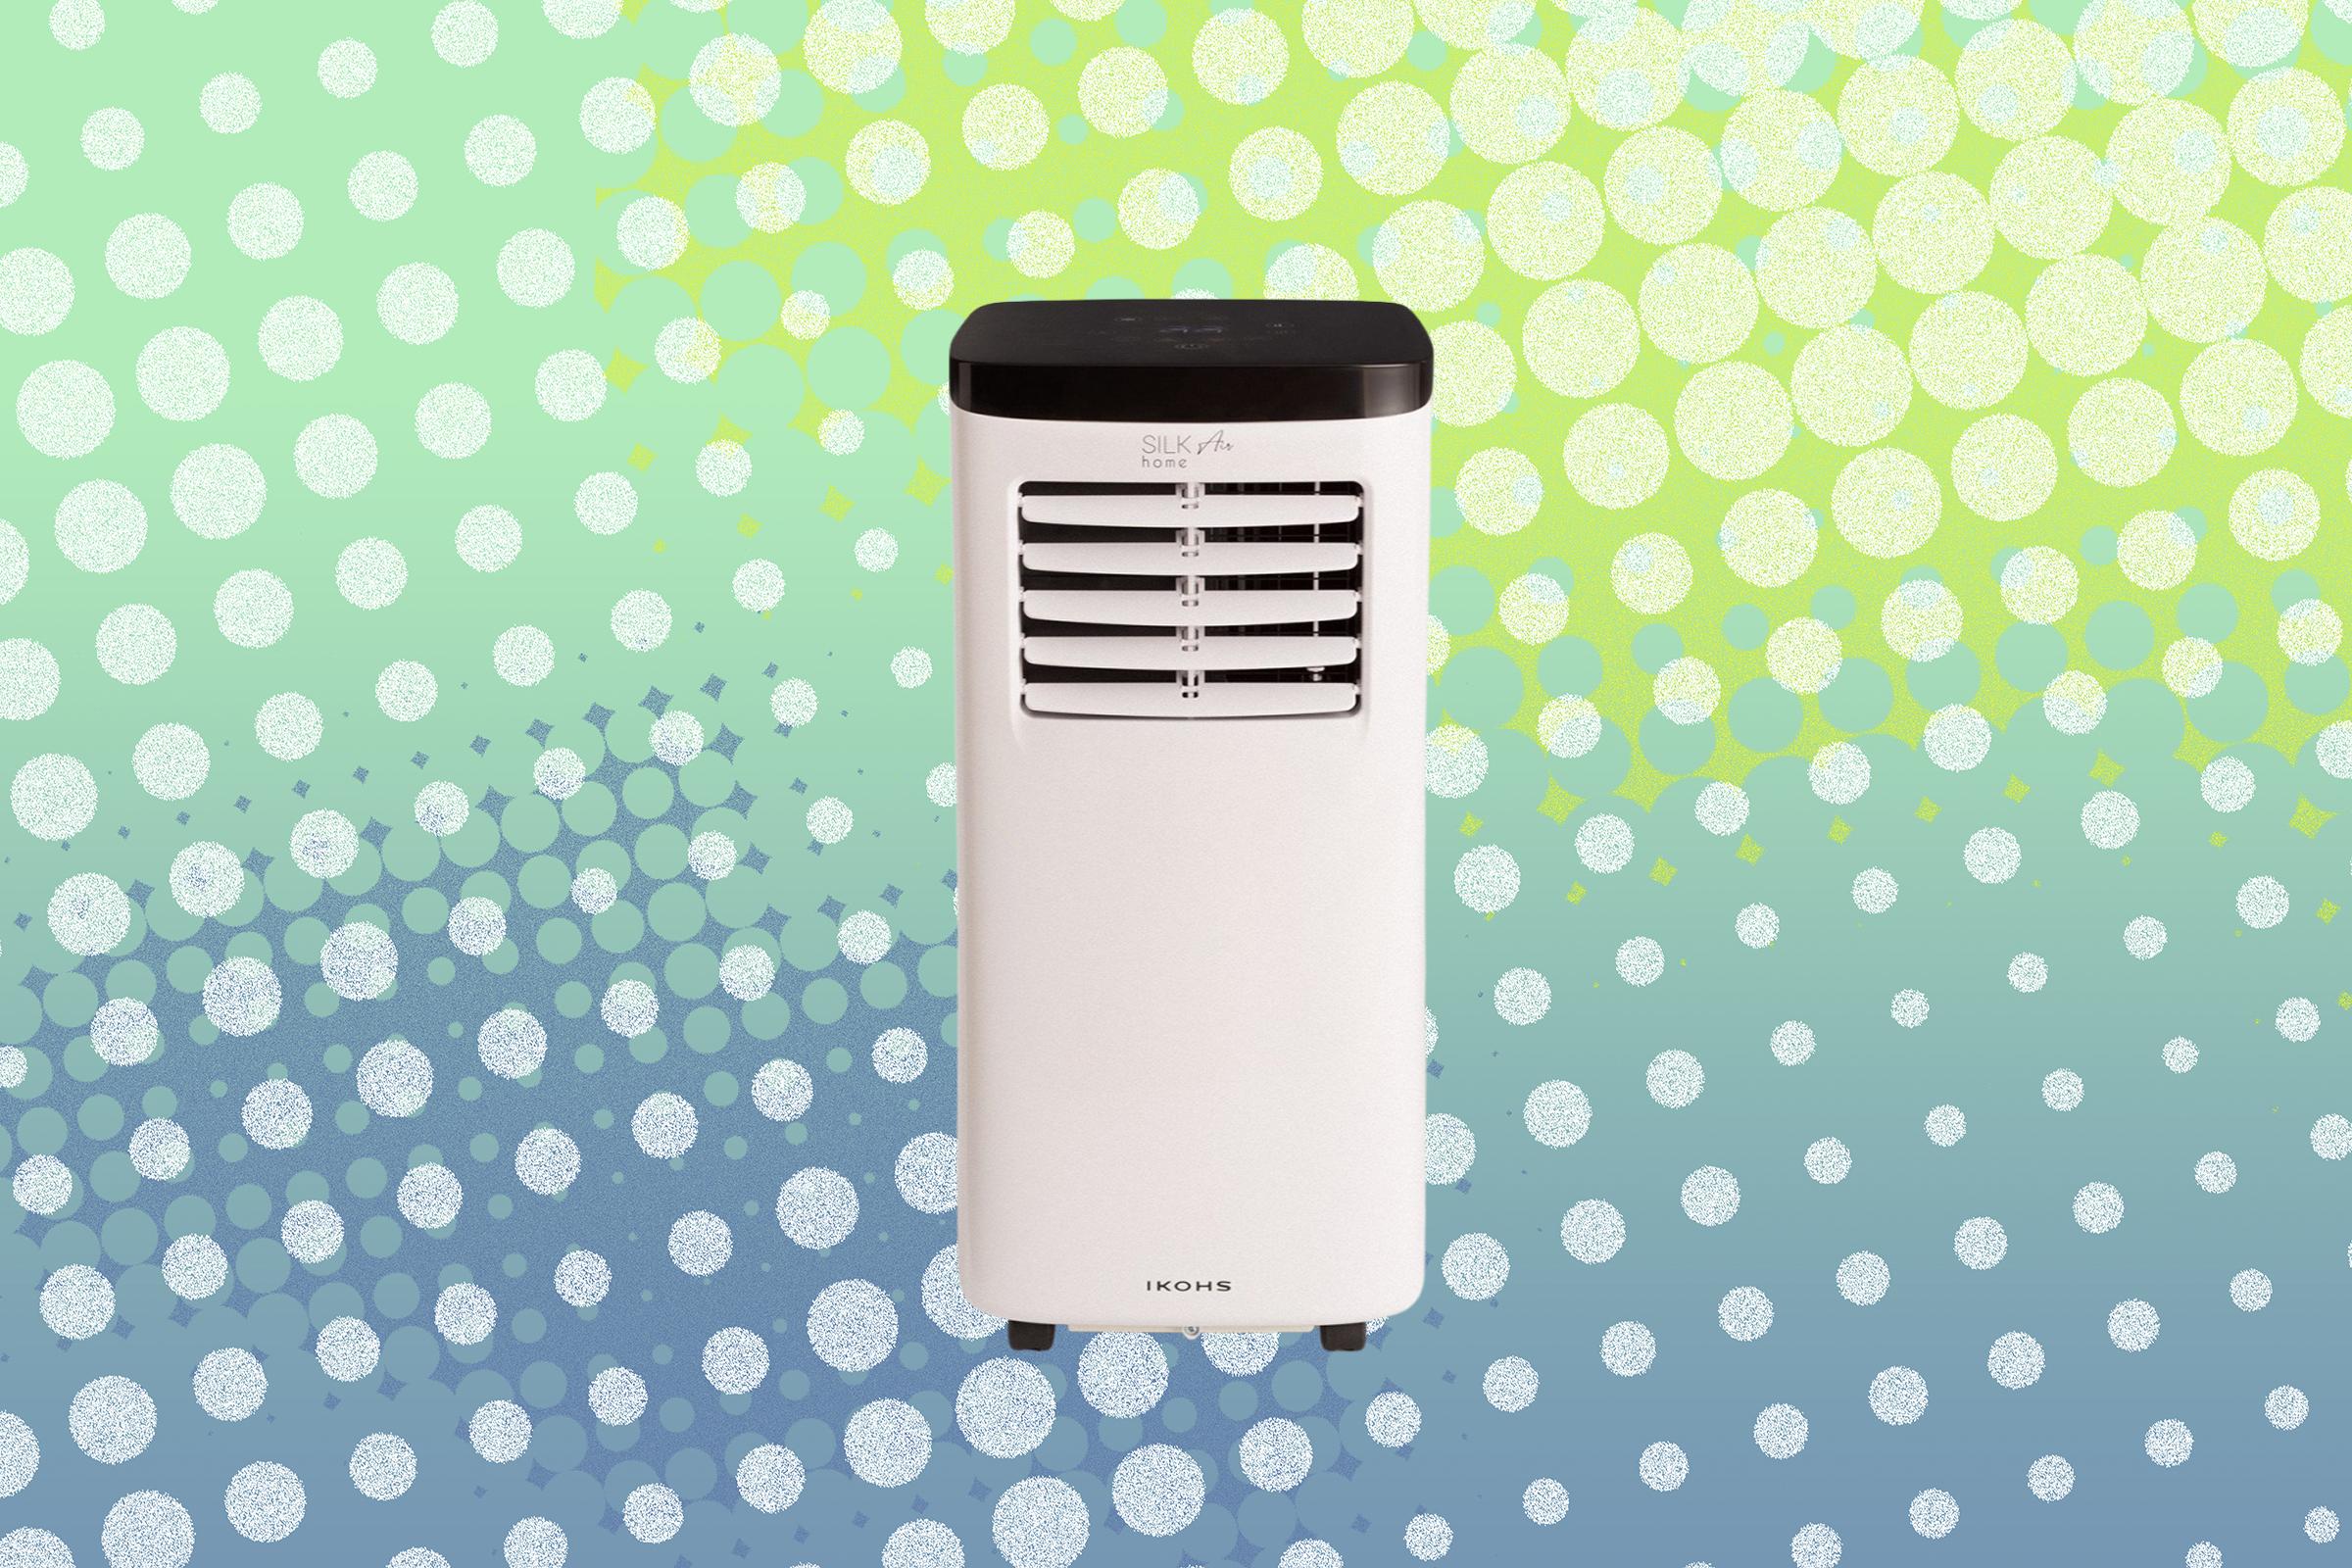 Este aire acondicionado portátil es más barato que el de Lidl y resulta perfecto para combatir el calor del verano